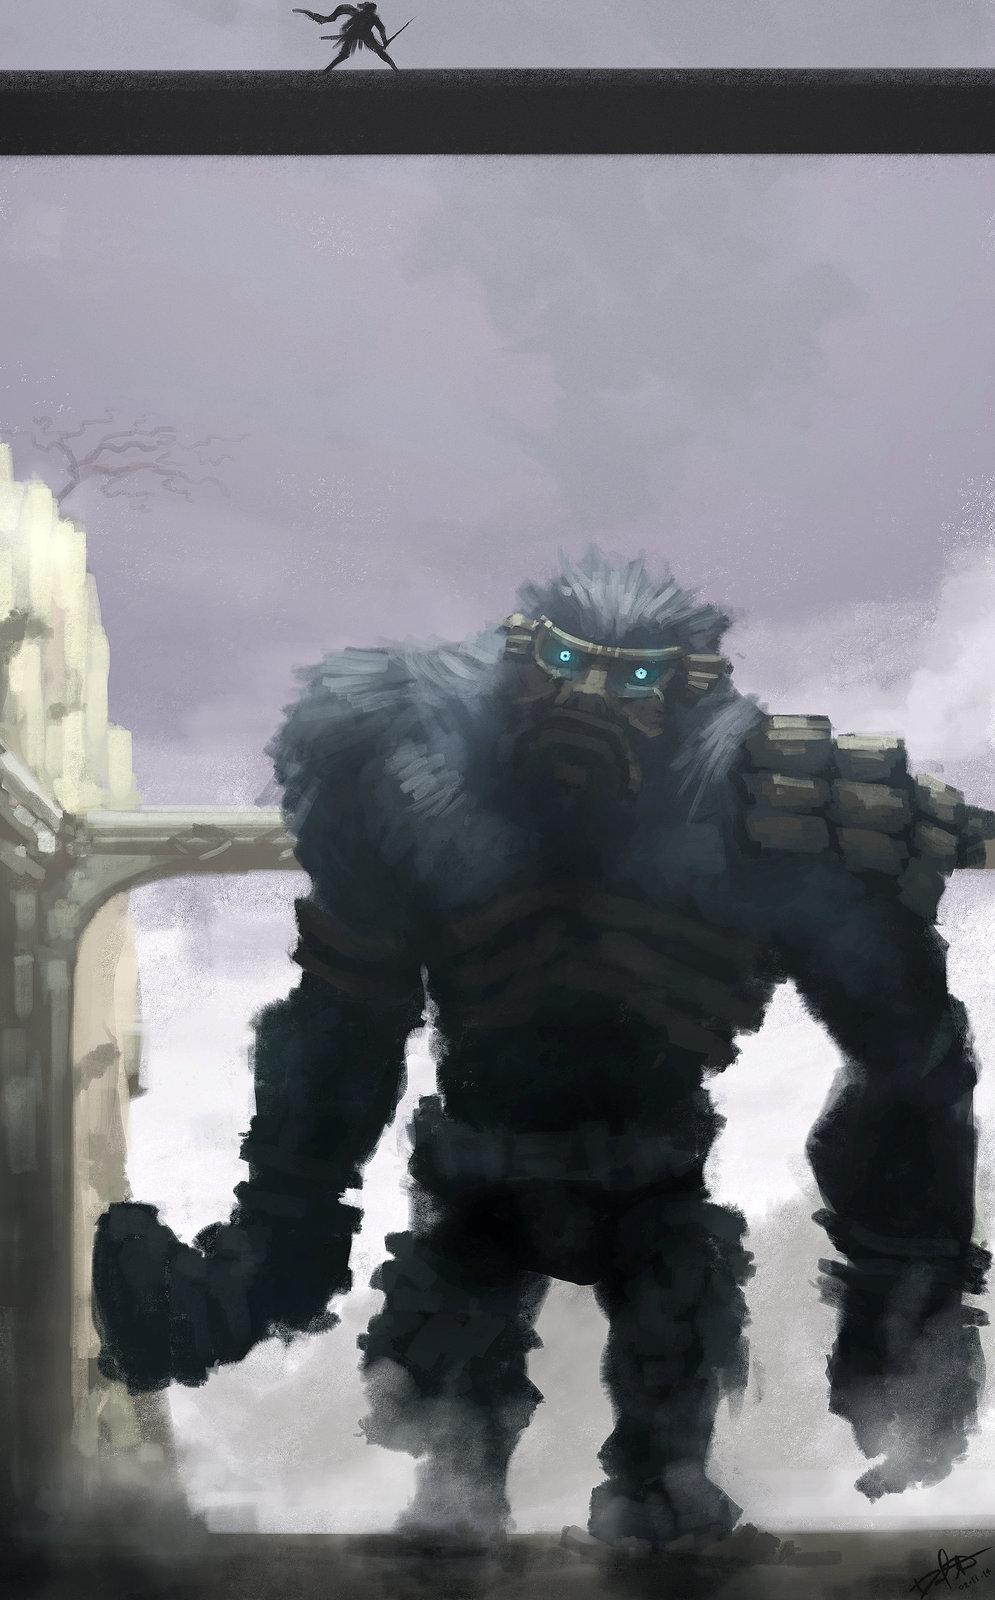 Colossus 15 - Argus